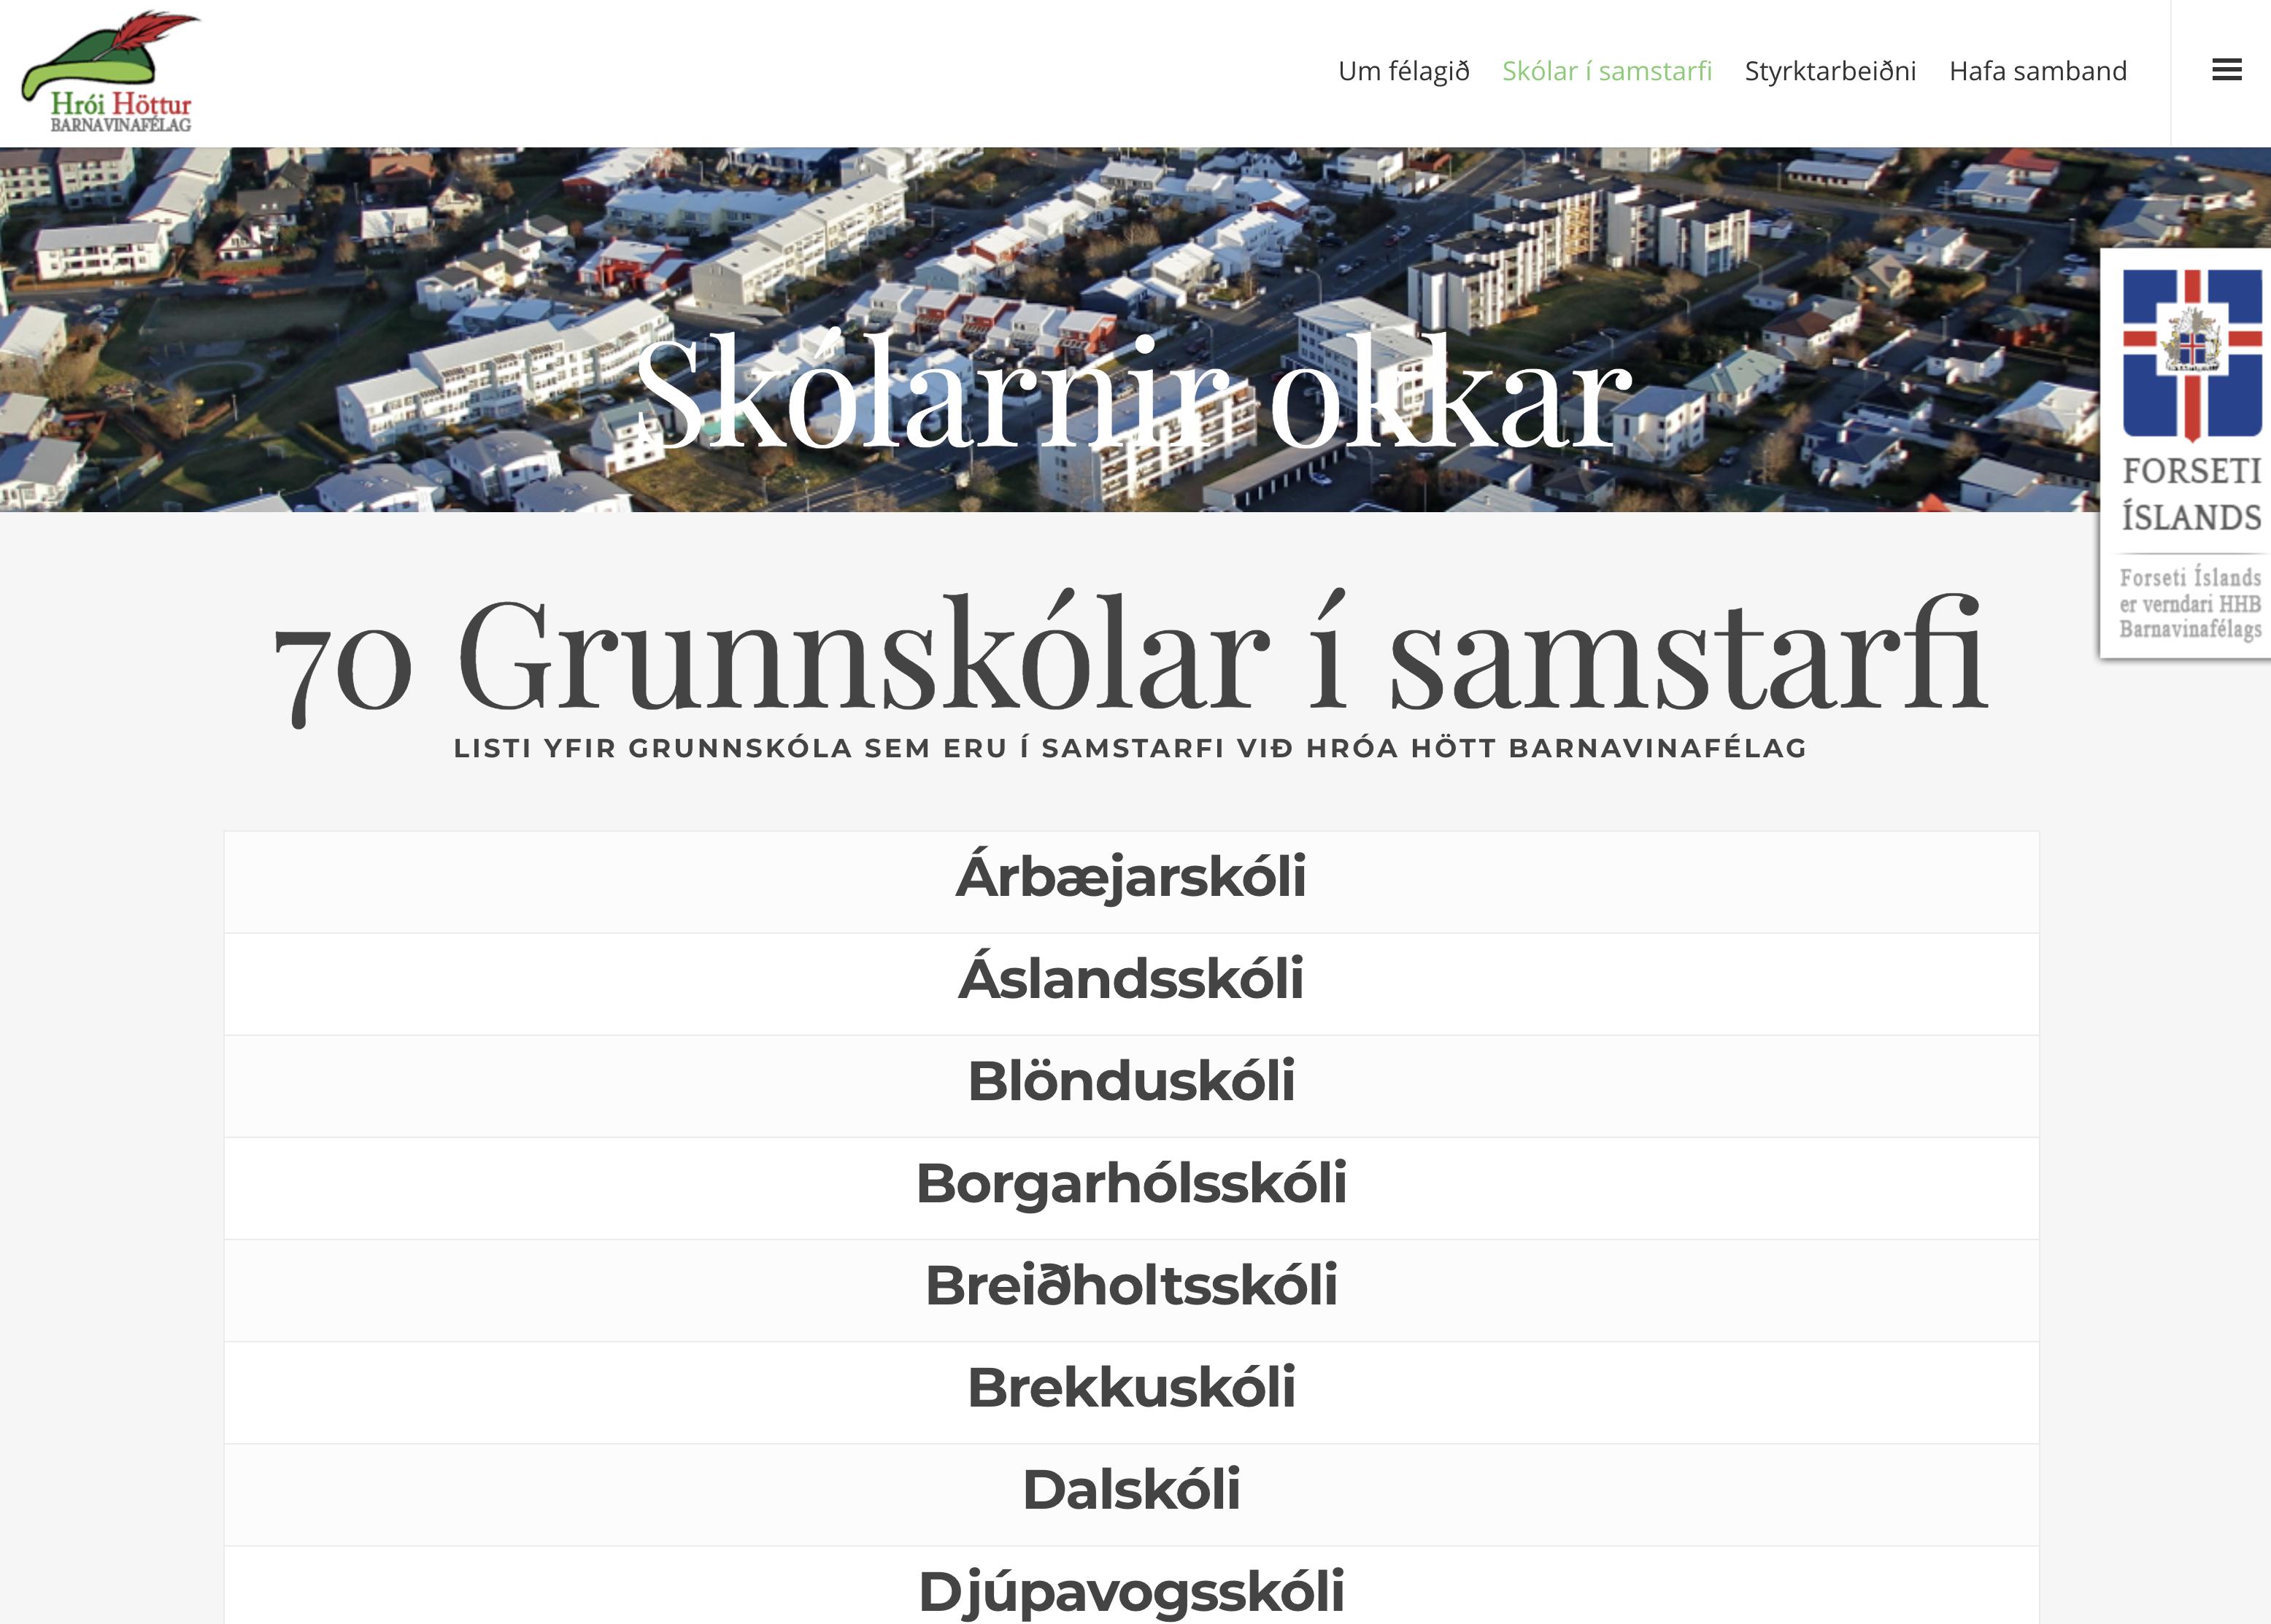 70 grunnskólar í samstarfi við Hróa Hött